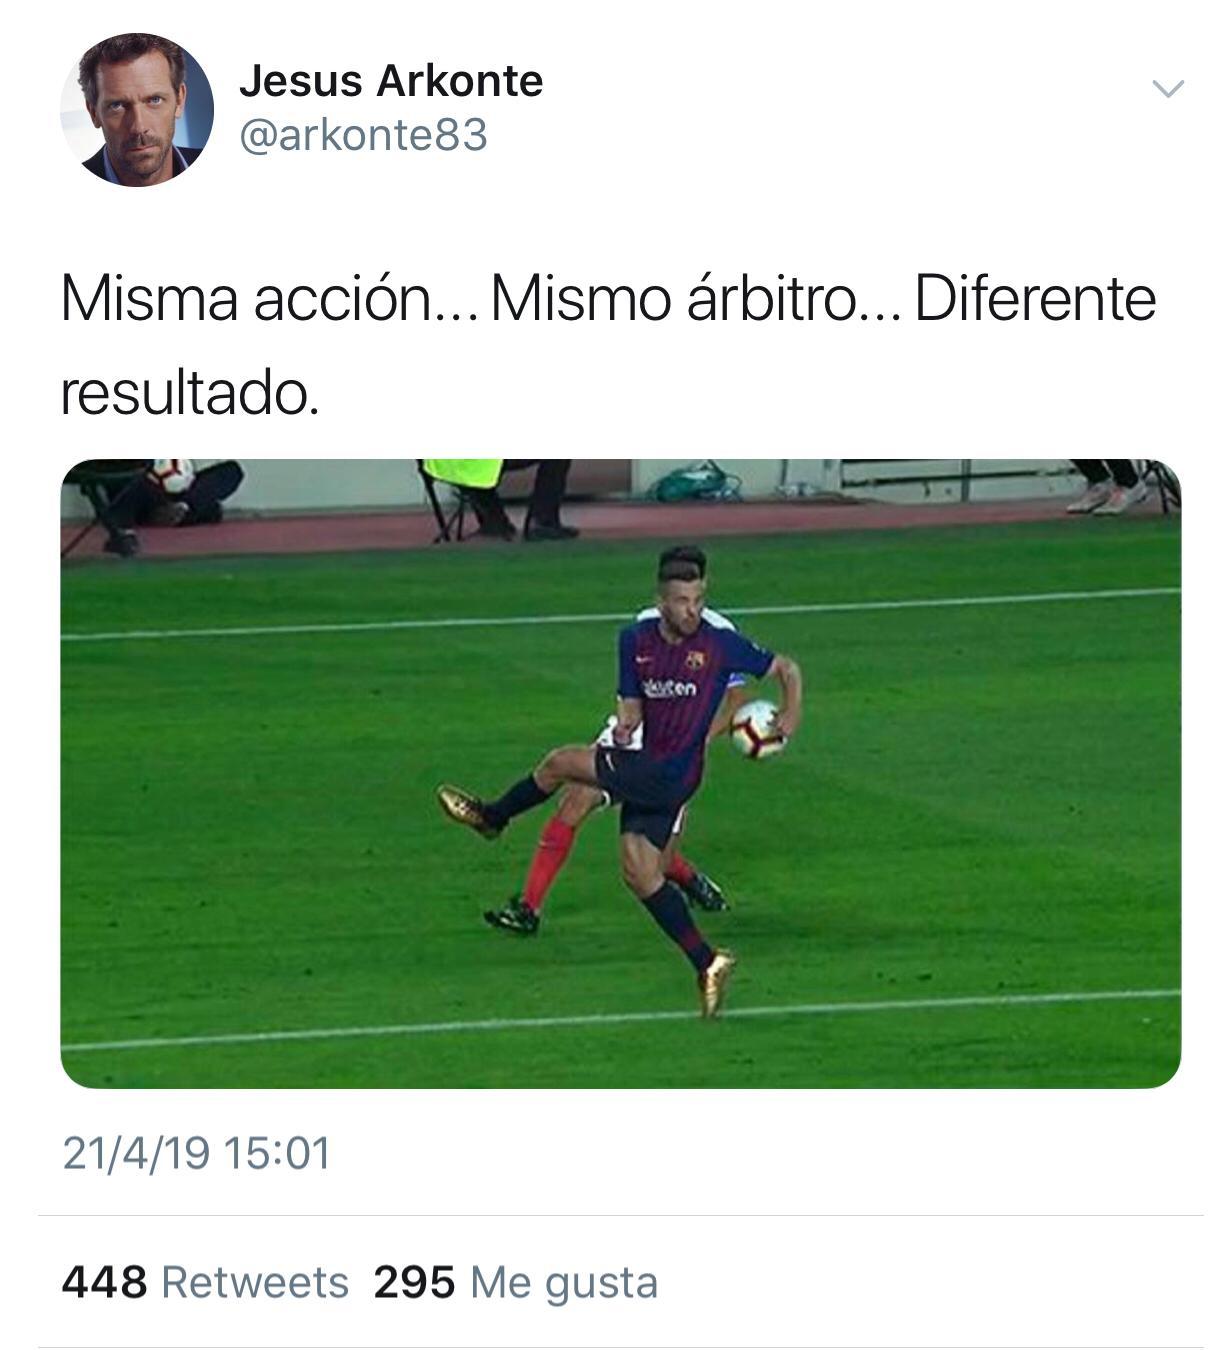 Foto: Misma acción, mismo árbitro... diferente resultado vía @arkonte83